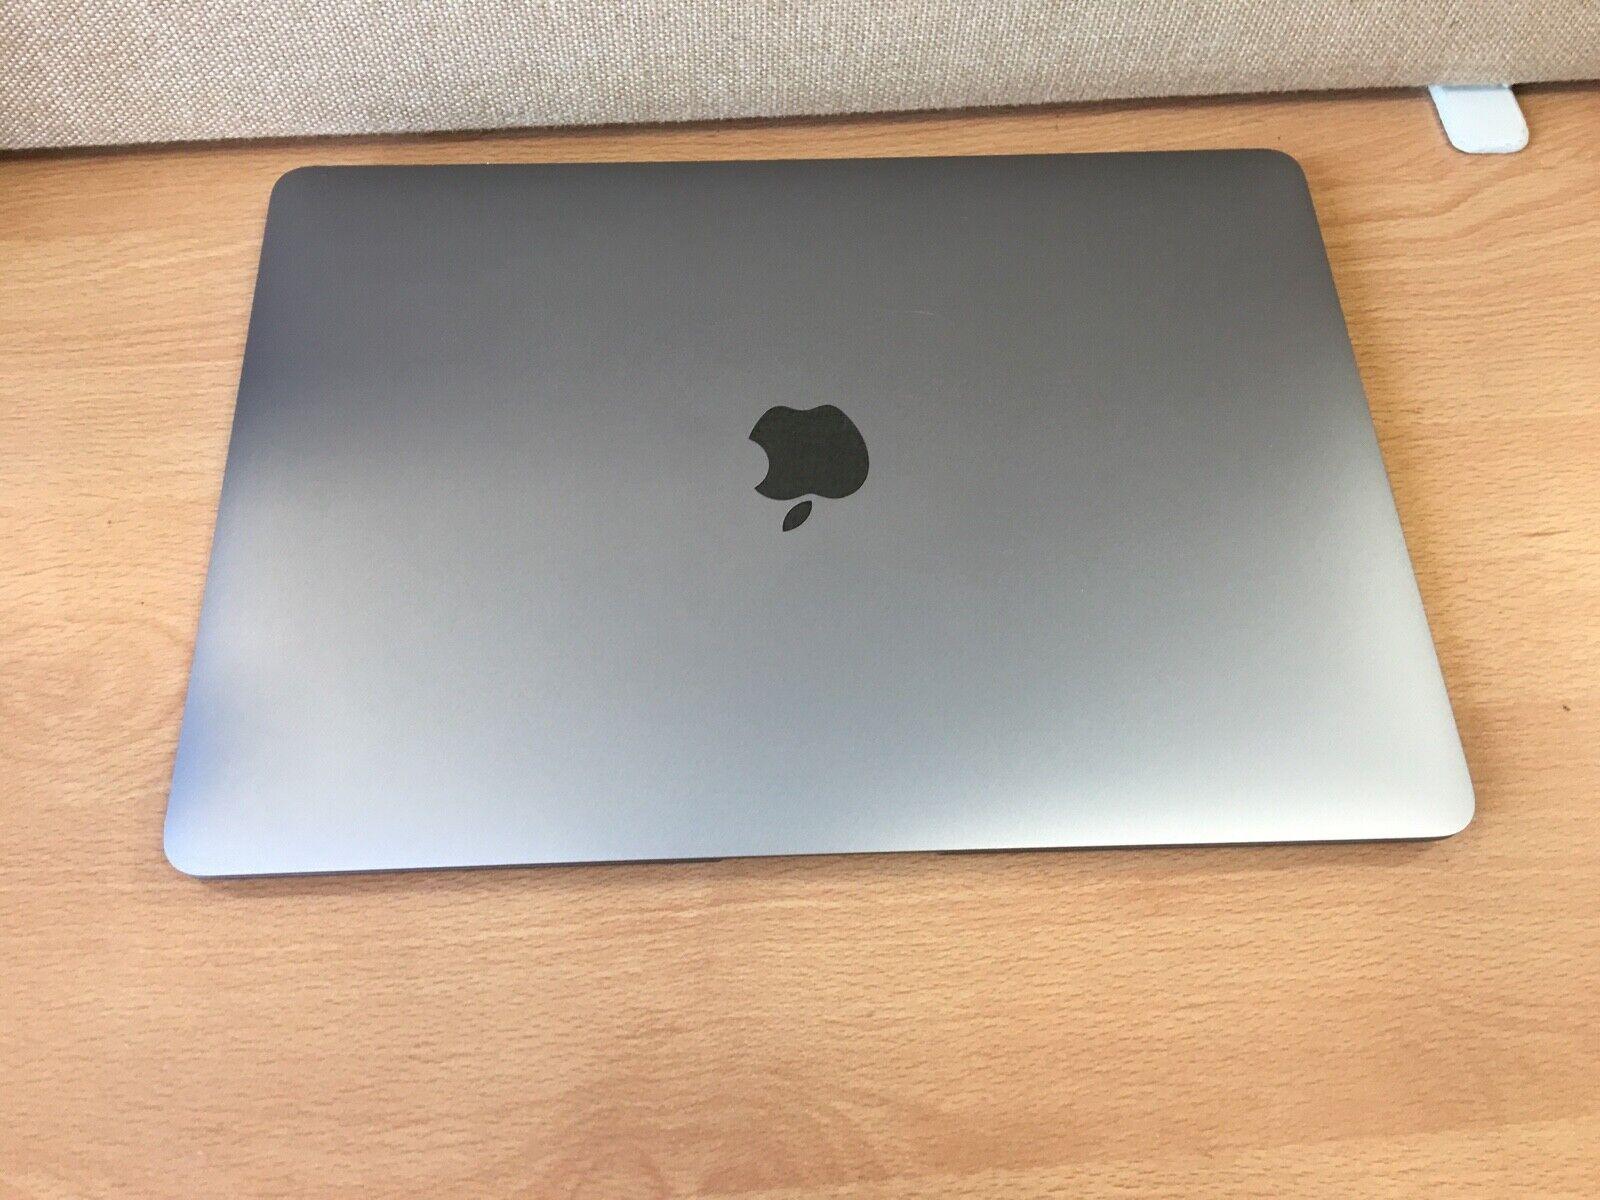 Apple macbook air 13'' 1.6 ghz coeur i5,8gb ram, 128gb ssd, 2019 (a4)